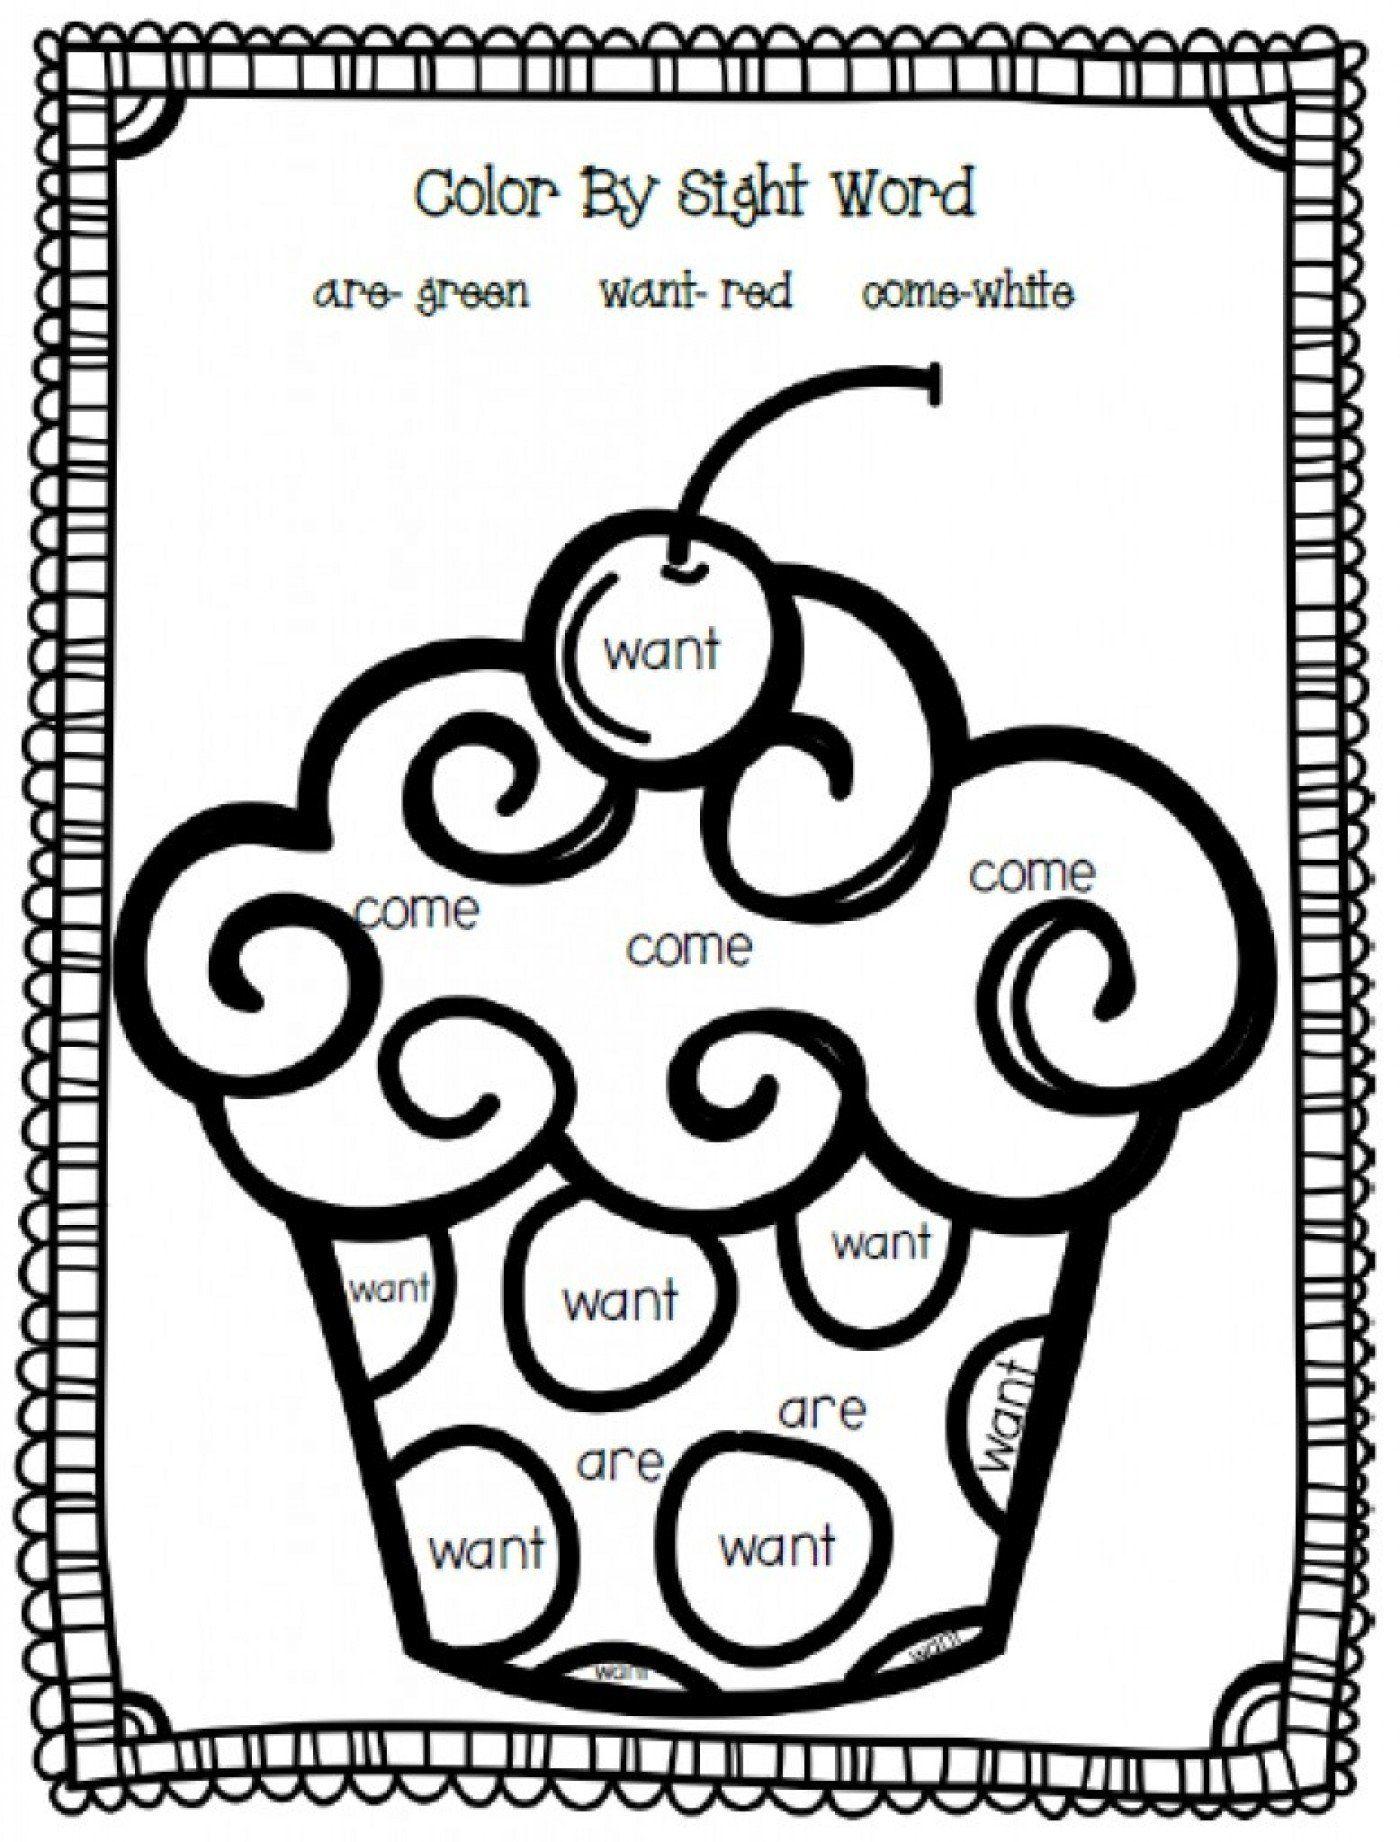 Science Worksheets For Kids Kindergarten Worksheets Algebra Questions For Primary Kindergarten Worksheets Sight Words Sight Word Worksheets Sight Word Coloring Kindergarten sight words worksheets pdf